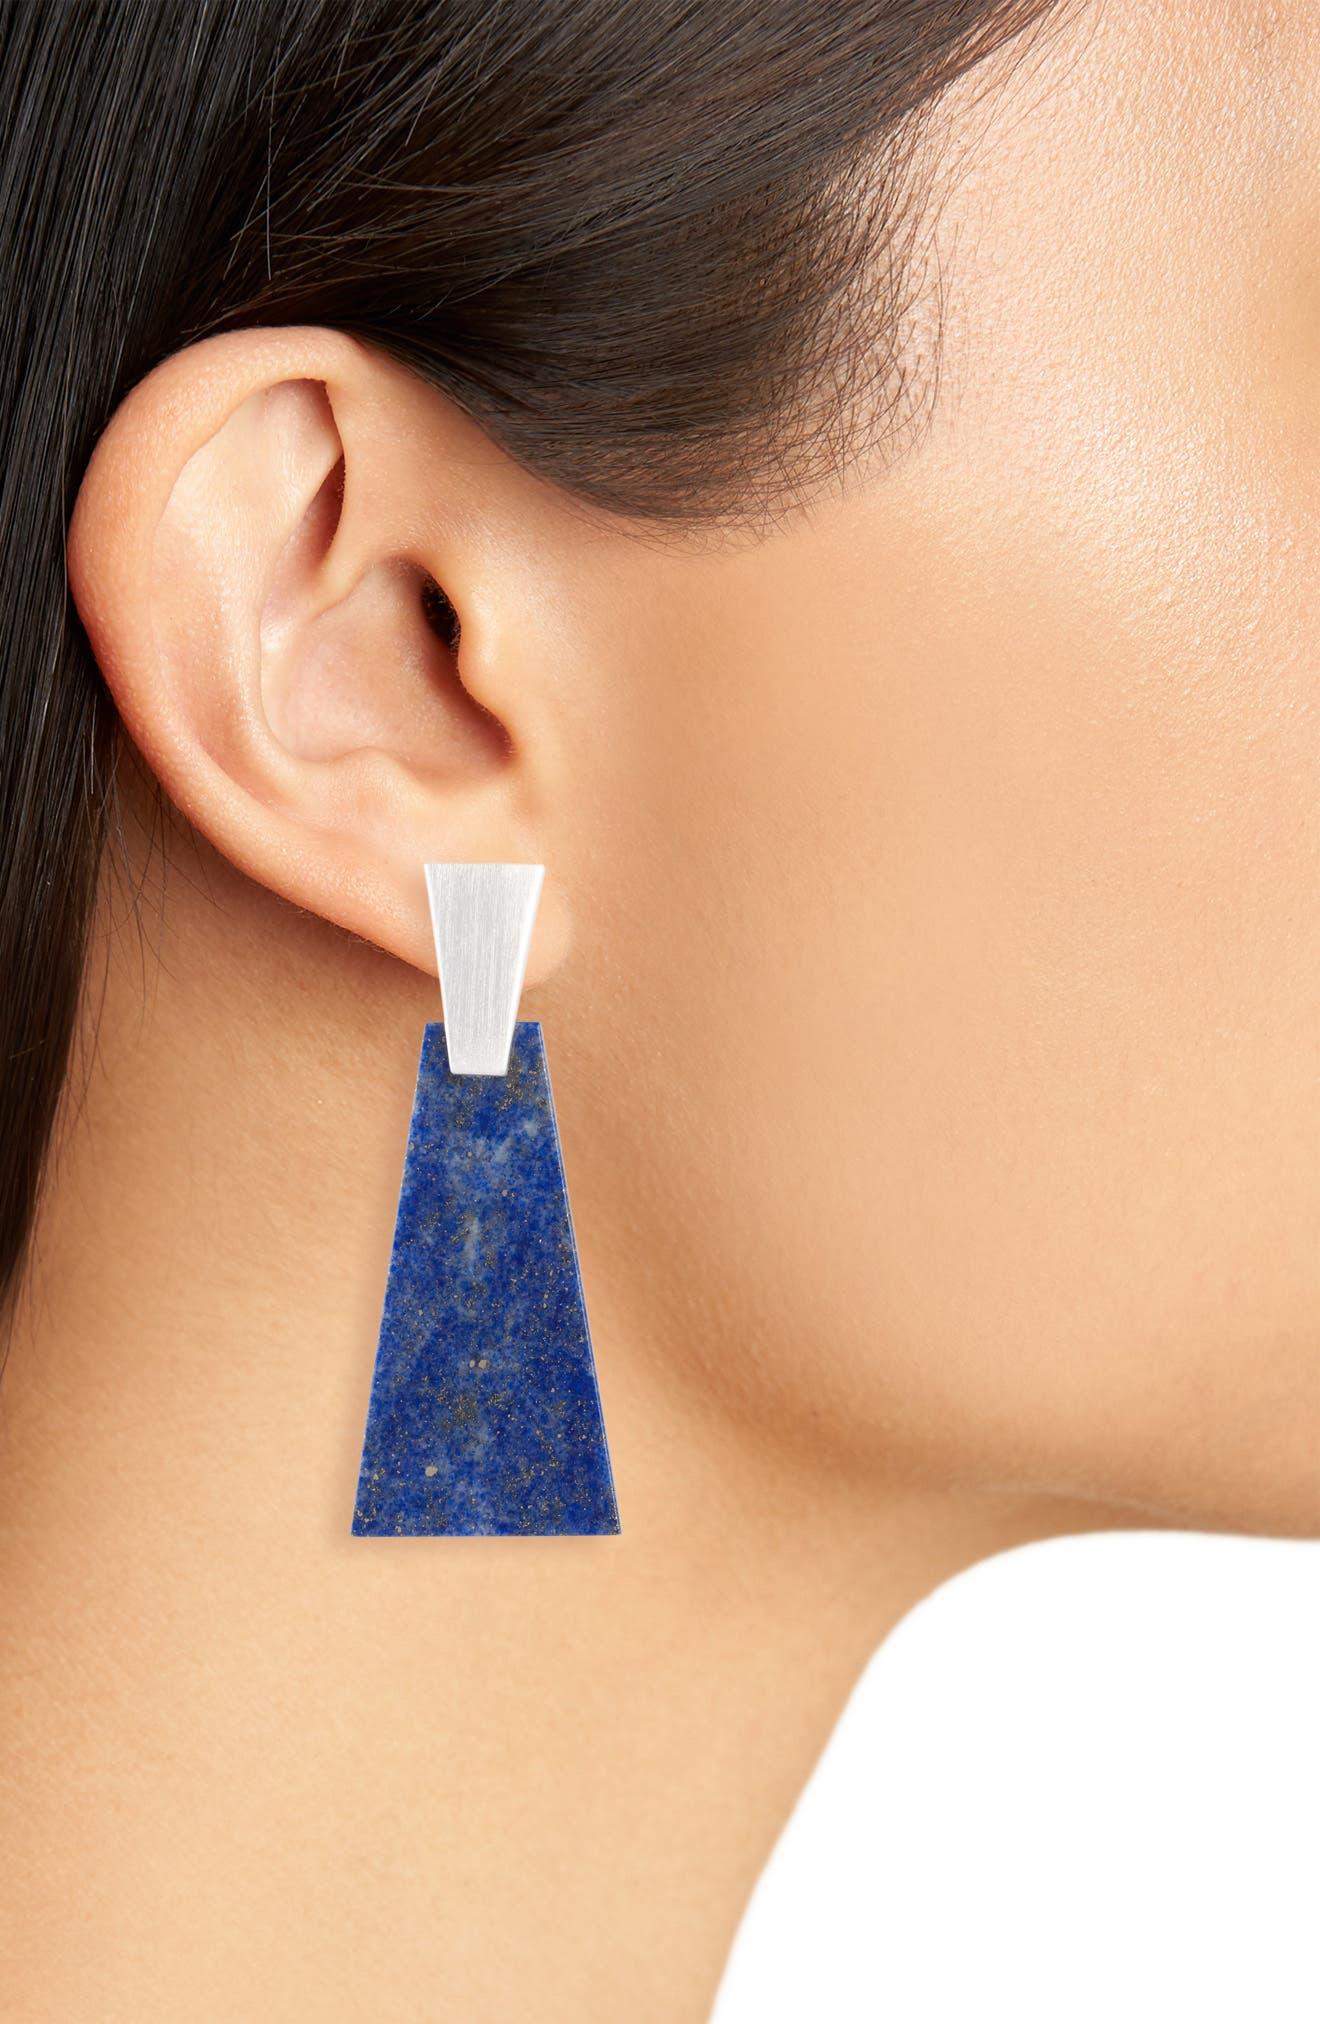 New Kendra Scott Collins Drop Earrings in Blue Lapis Silver